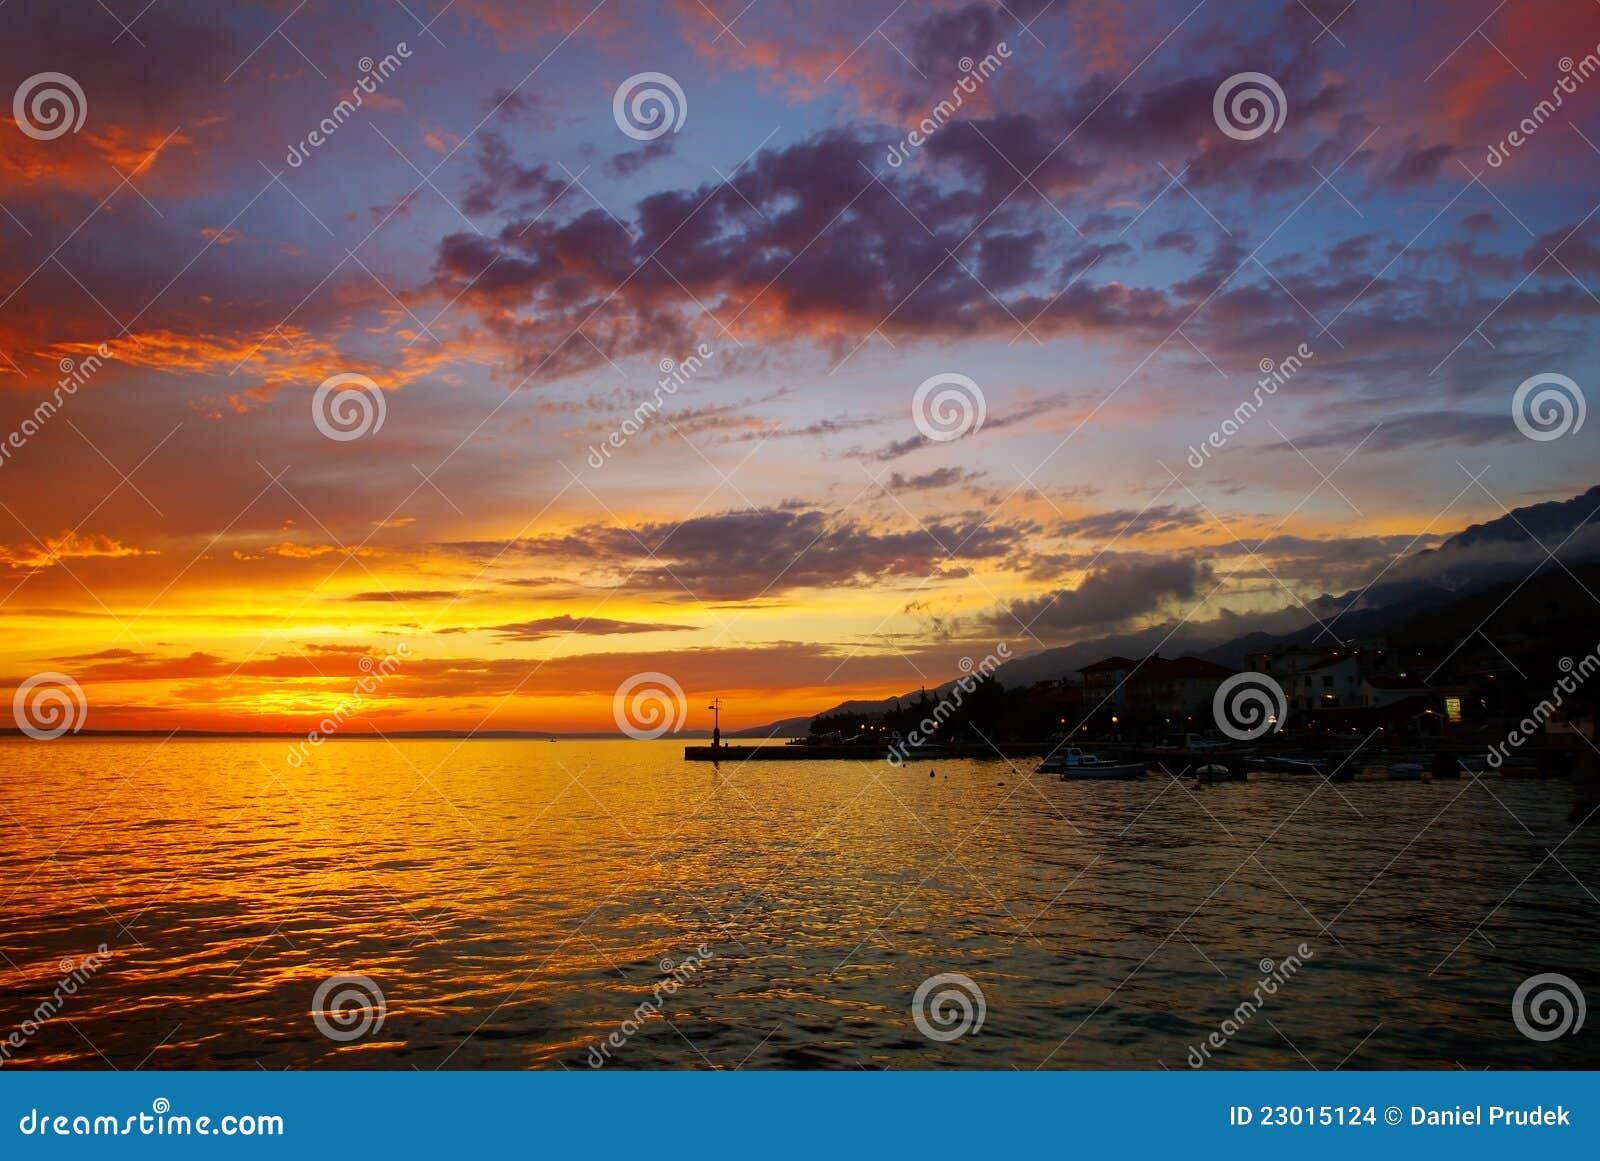 Sonnenuntergang über Meeresspiegel